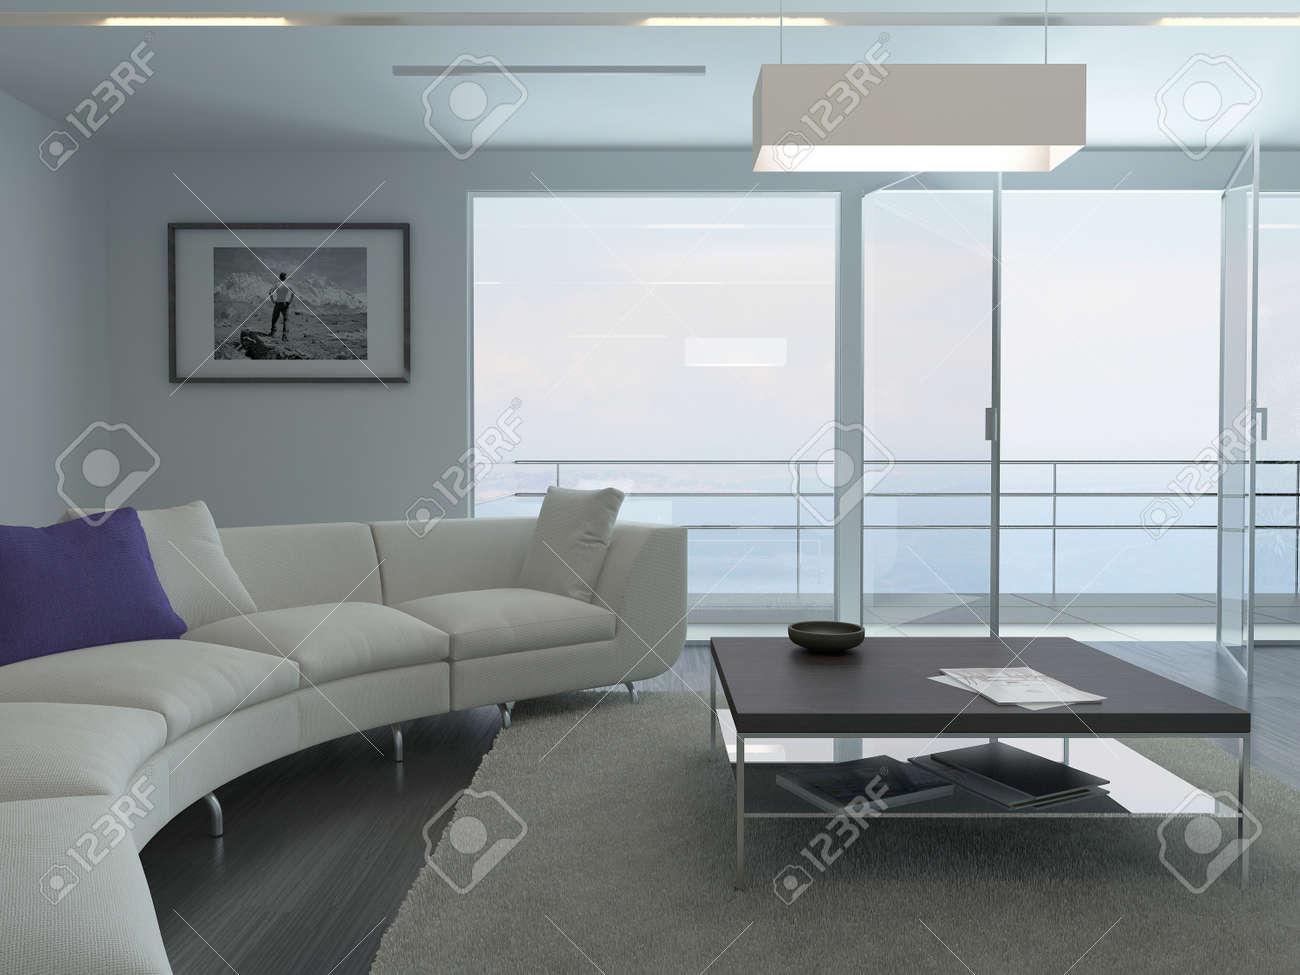 Fenster innenraum  Moderne Wohnzimmer Innenraum Mit Weißen Couch Und Fenster Mit ...